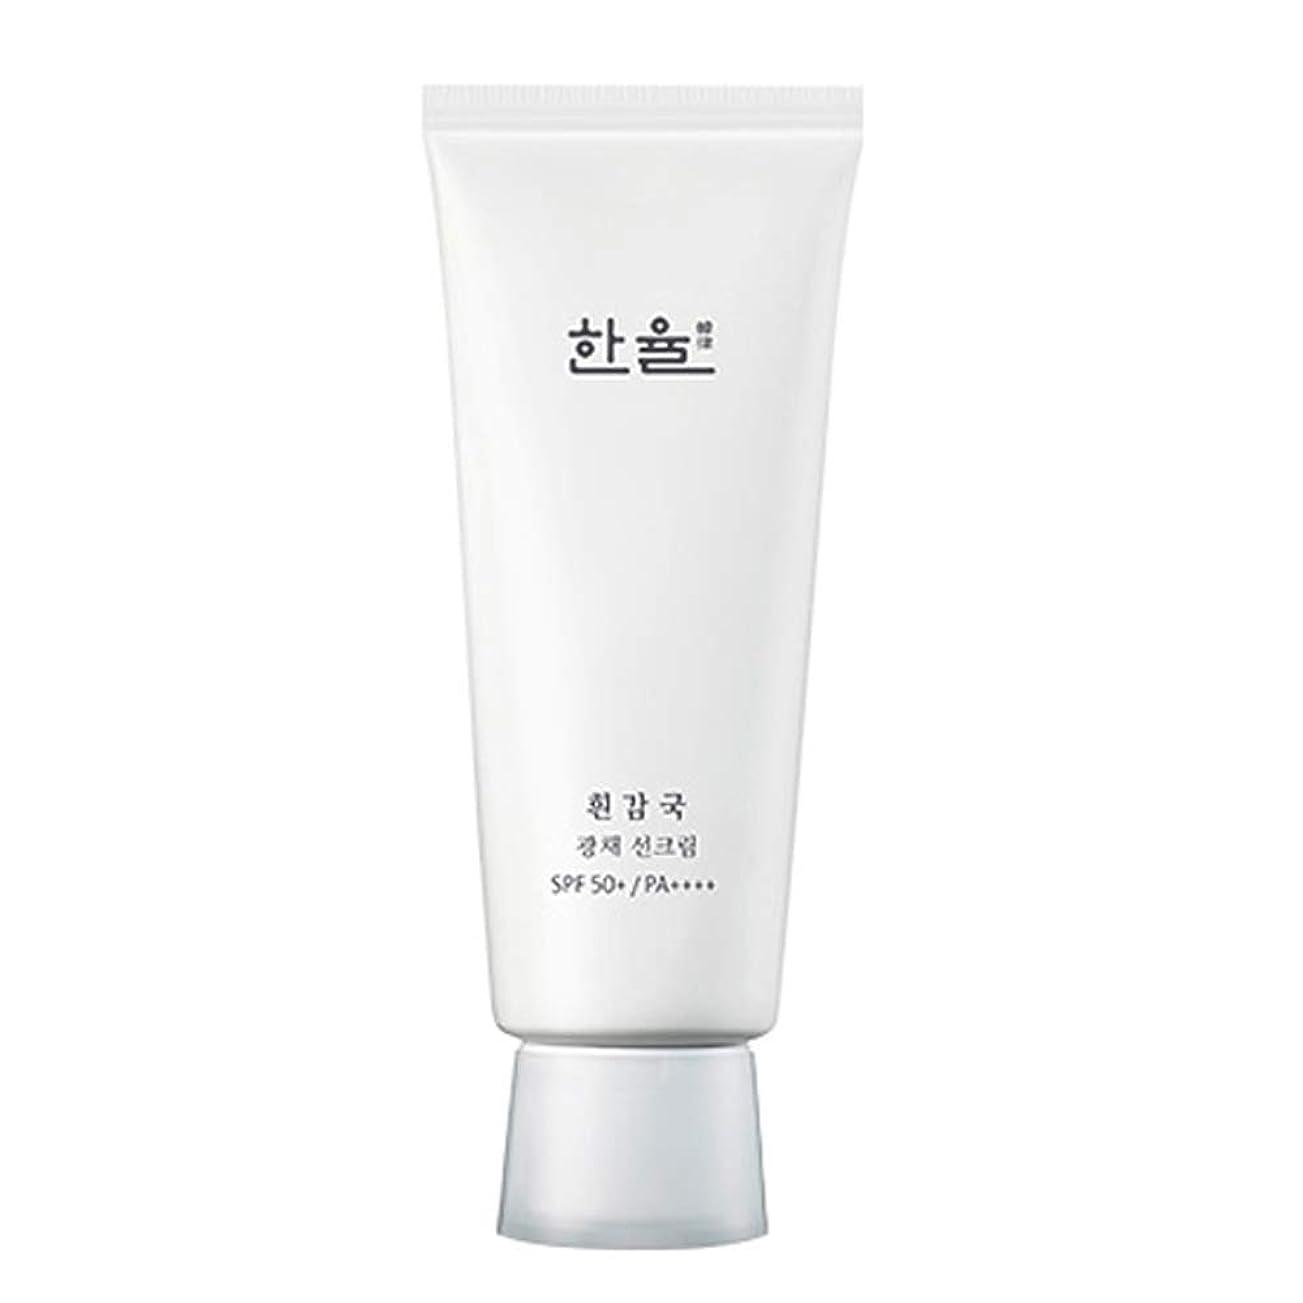 規定ディスク前提条件[HANYUL] ハンユル 白いガムグク輝きサンクリーム 70ml SPF50+ PA++++ White Chrysanthemum Radiance Sunscreen cream